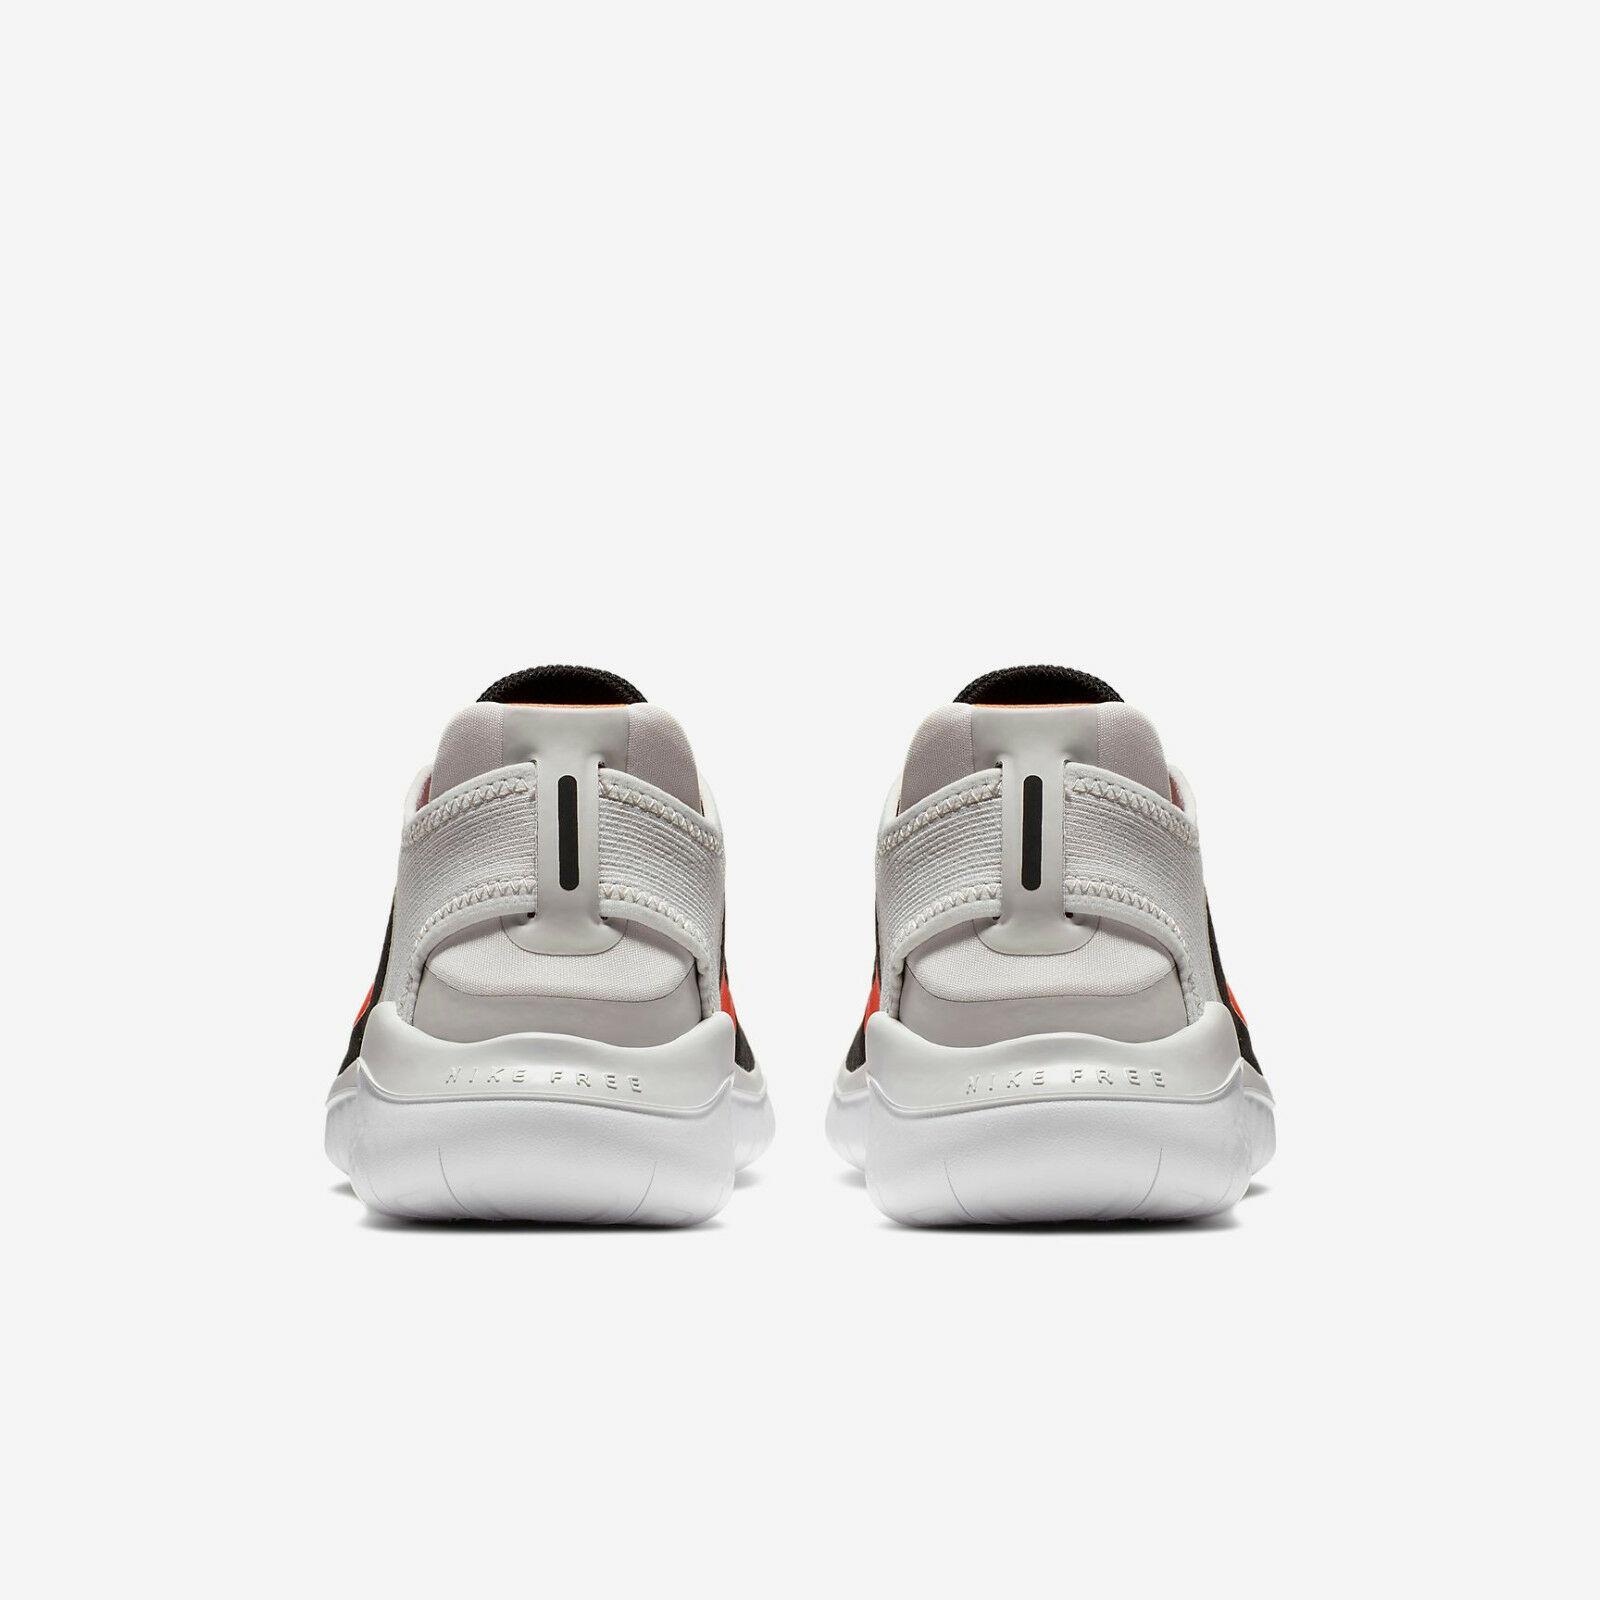 sale retailer 13874 922a3 HOMBRE Nike Free Rn 2018 Zapatos Negros Carmesí Gris 942836 005